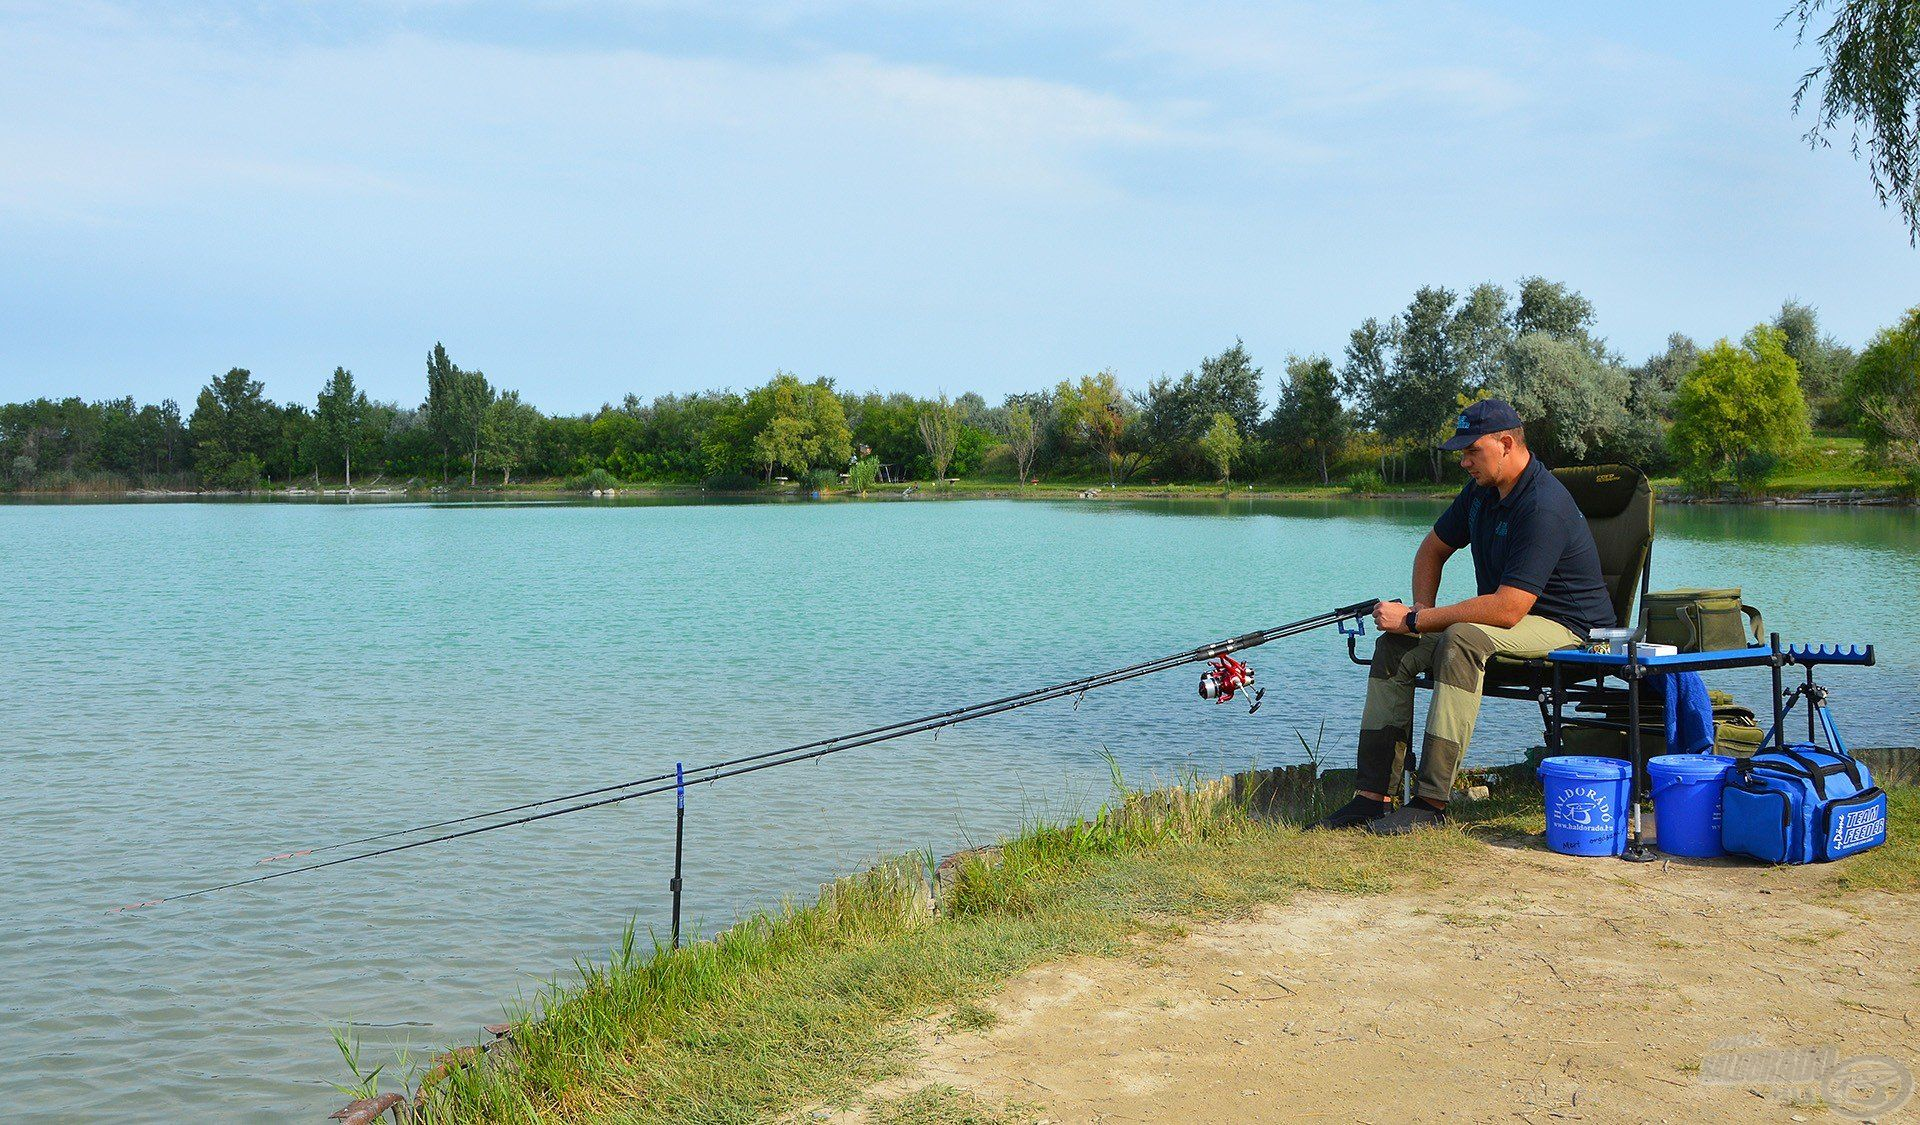 Remek időben és gyönyörű környezetben horgászhattam, nagyon kíváncsian vártam, mit tartogat számomra a nap